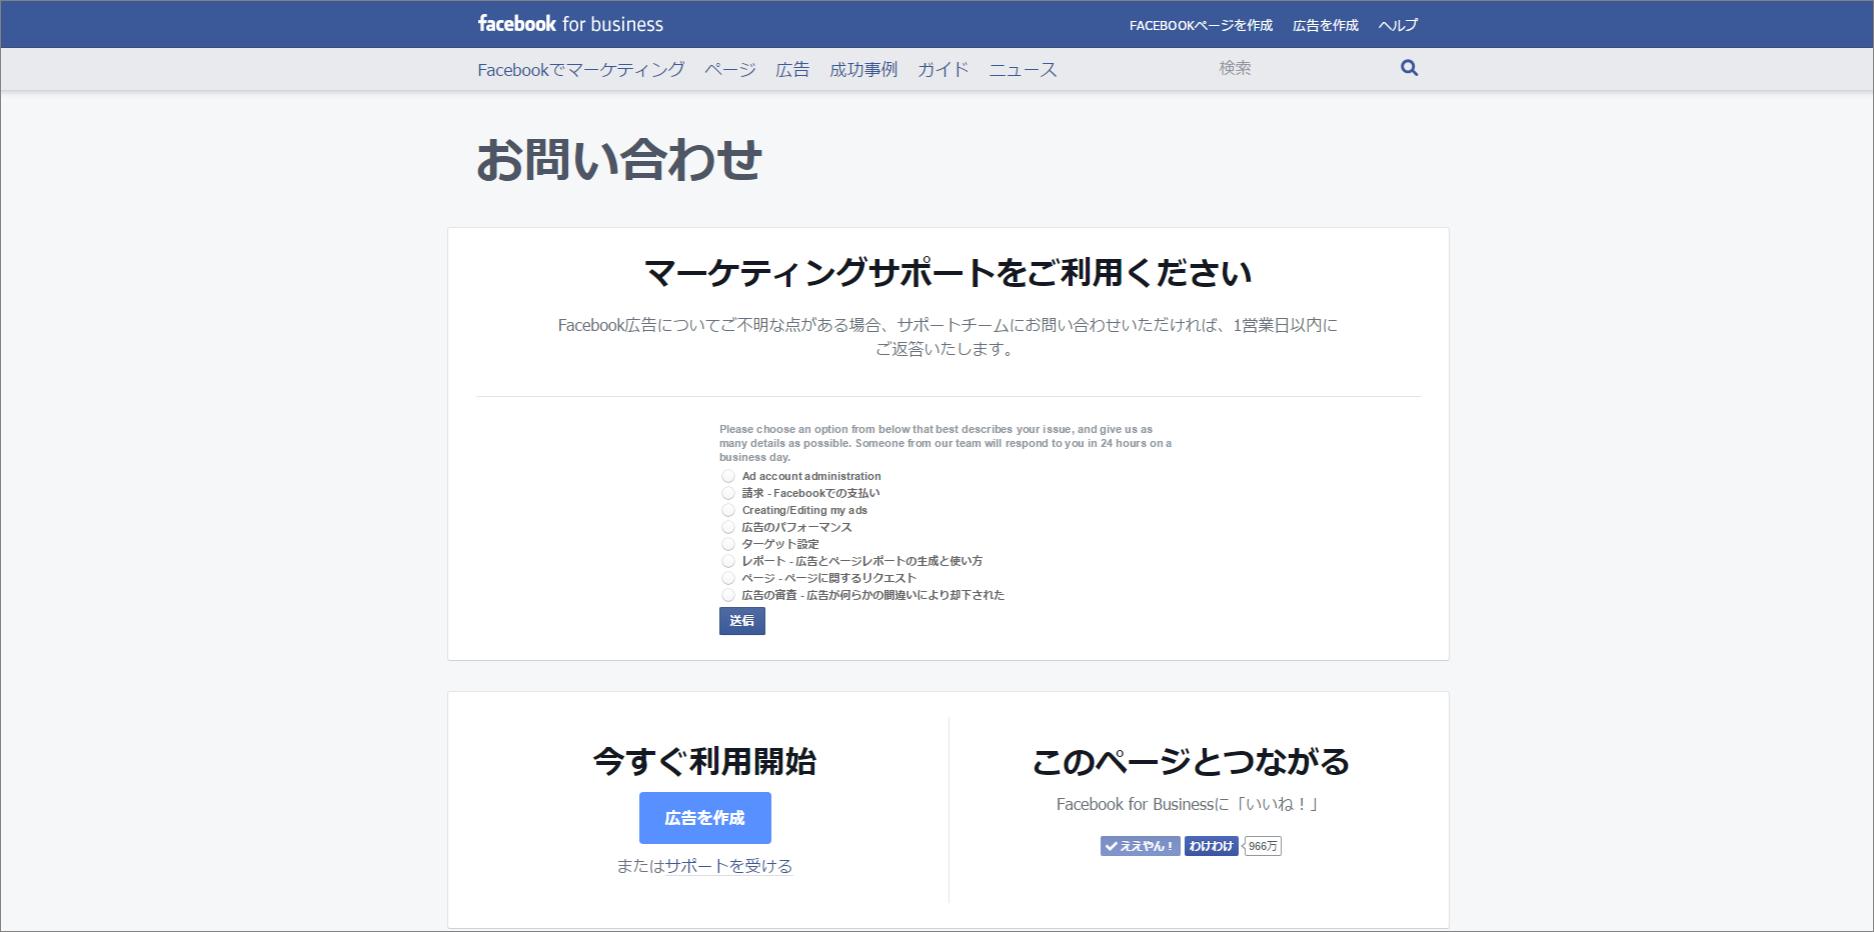 facebookビジネスセンターのお問い合わせページ